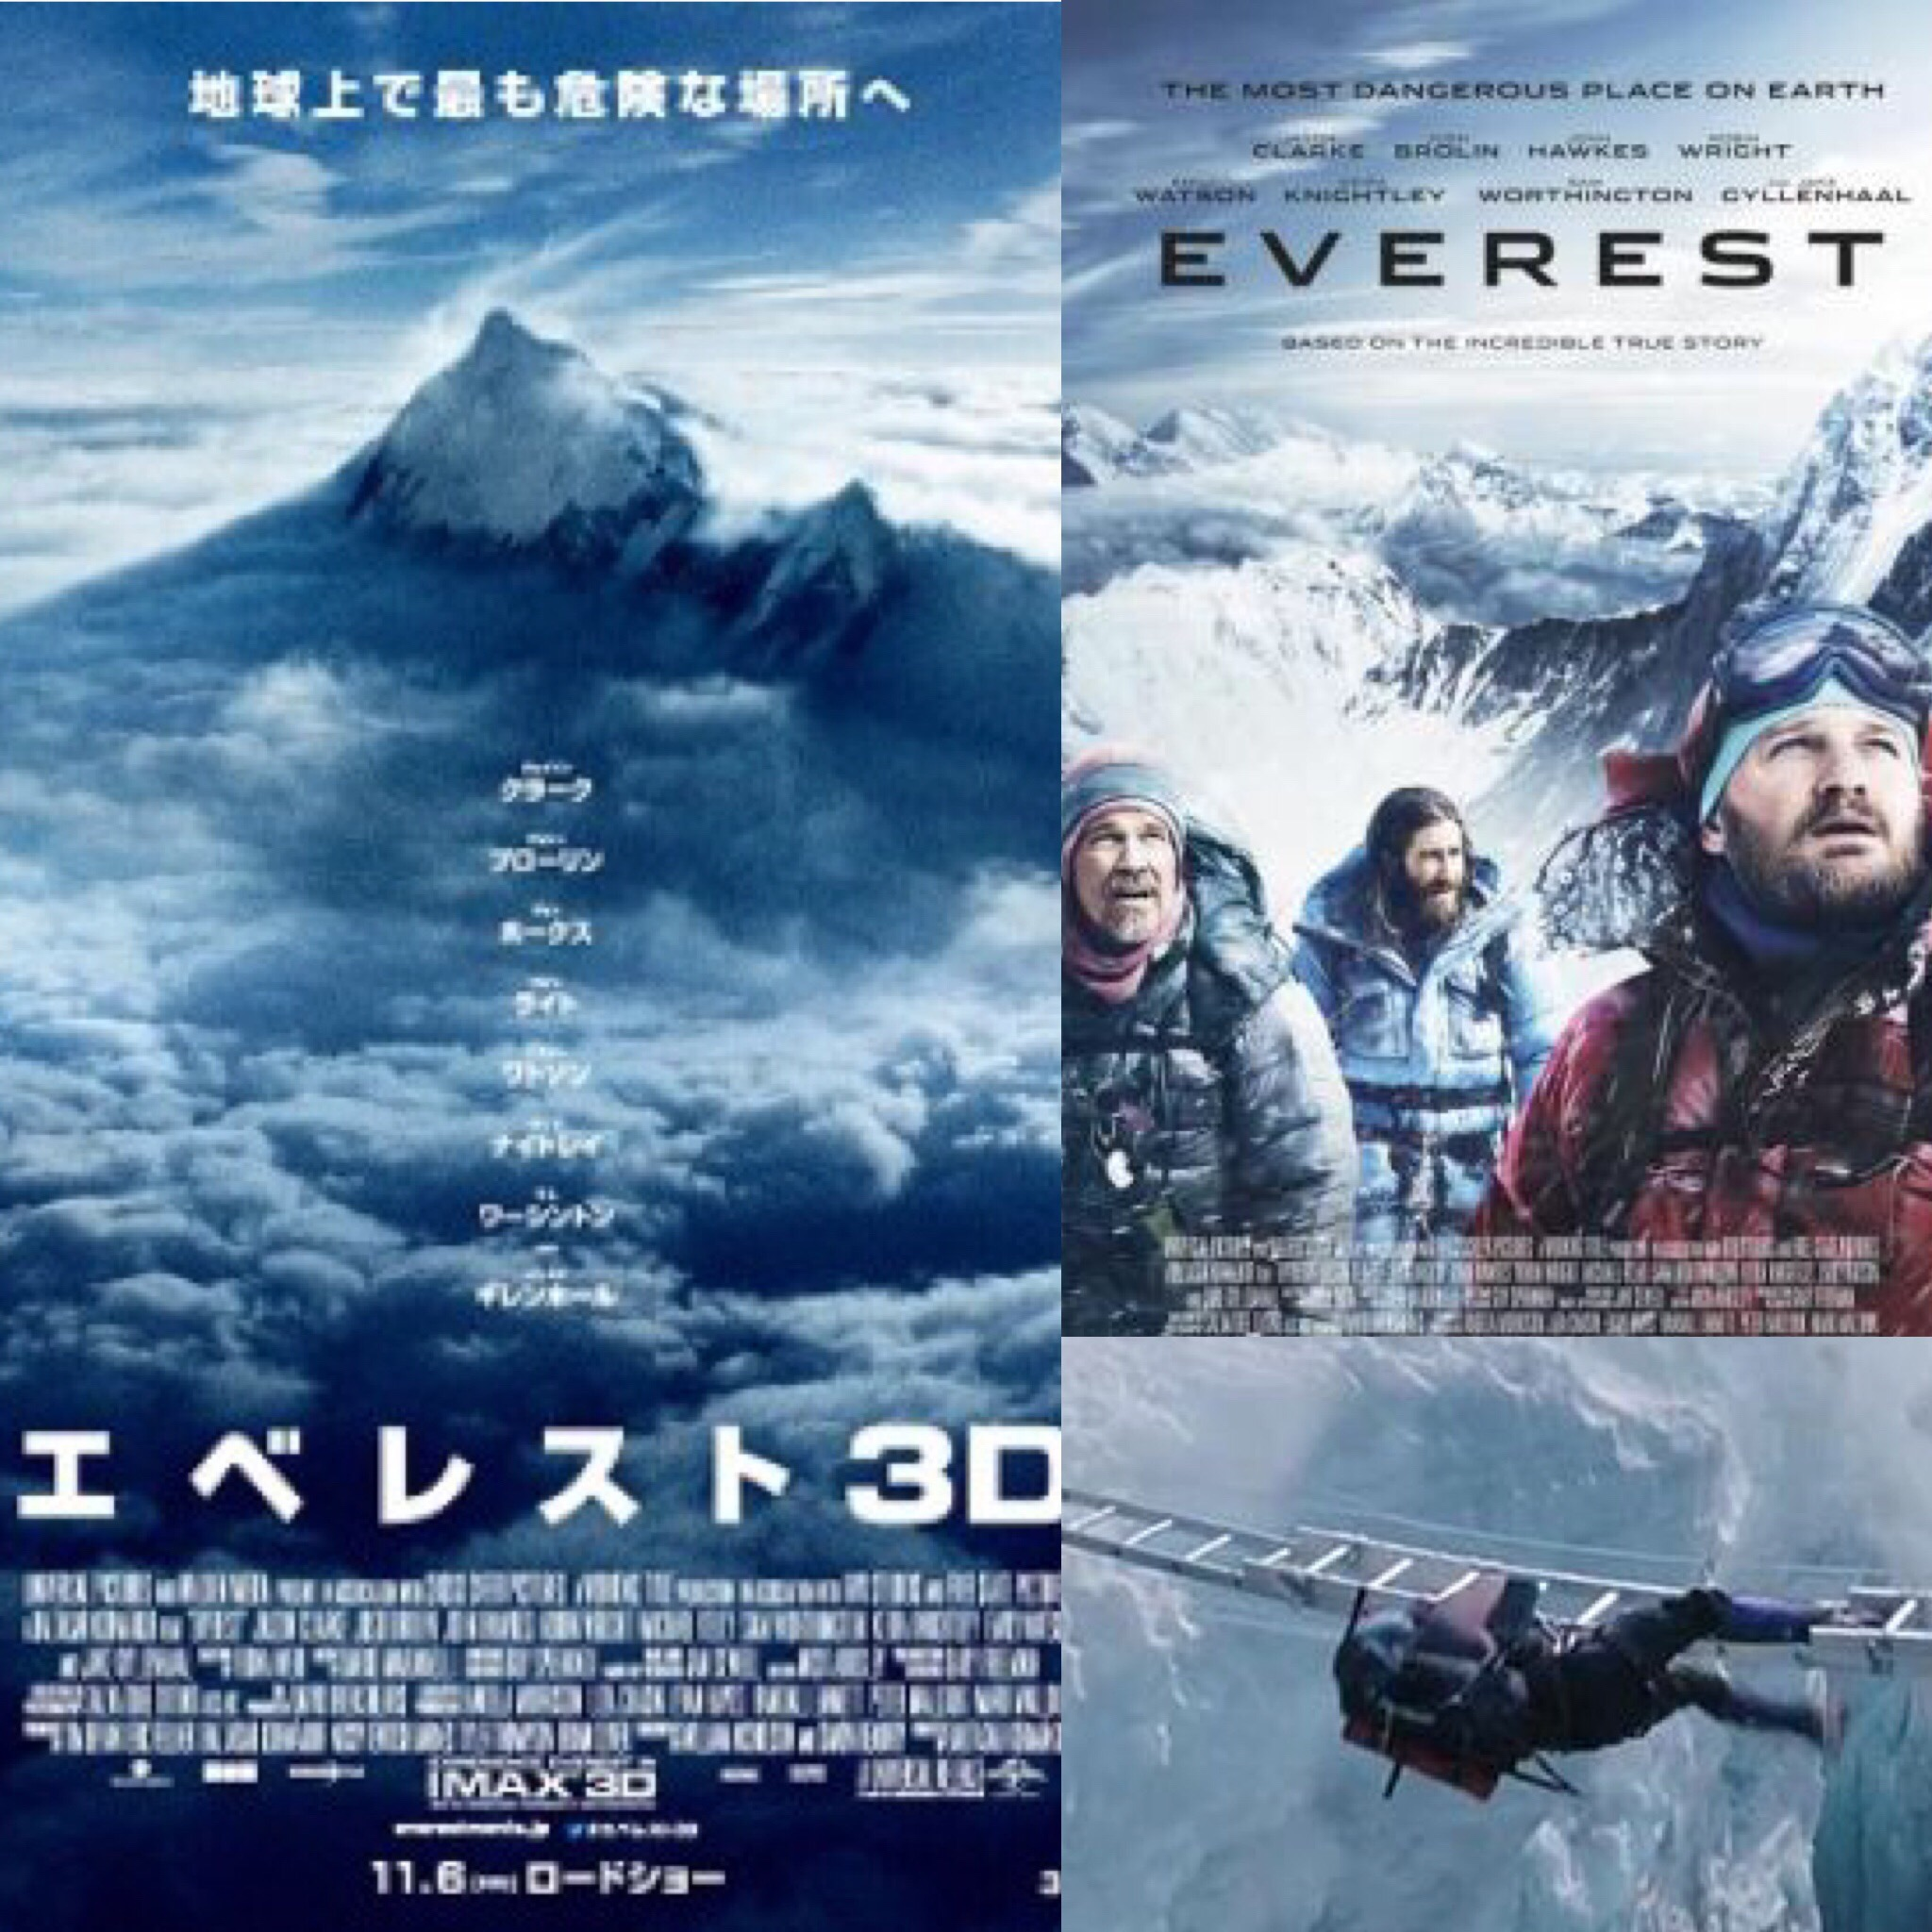 11.6公開【エベレスト3D】〜10秒で読める映画レビュー〜